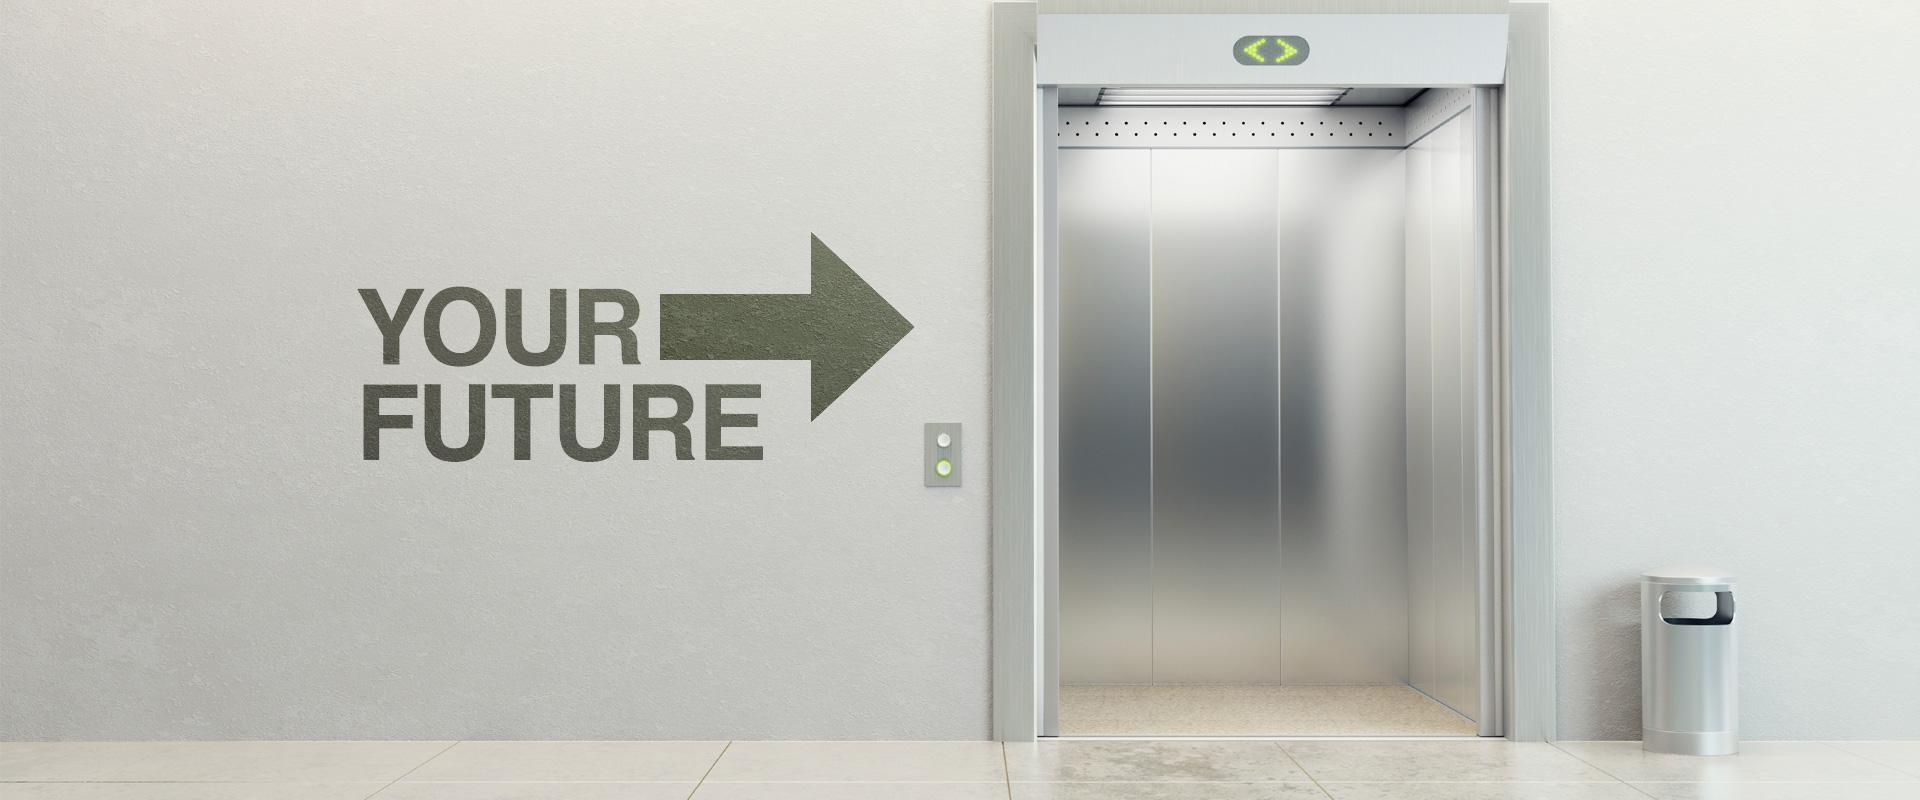 Elevator pitch или зачем рассказывать о проекте за 30 секунд